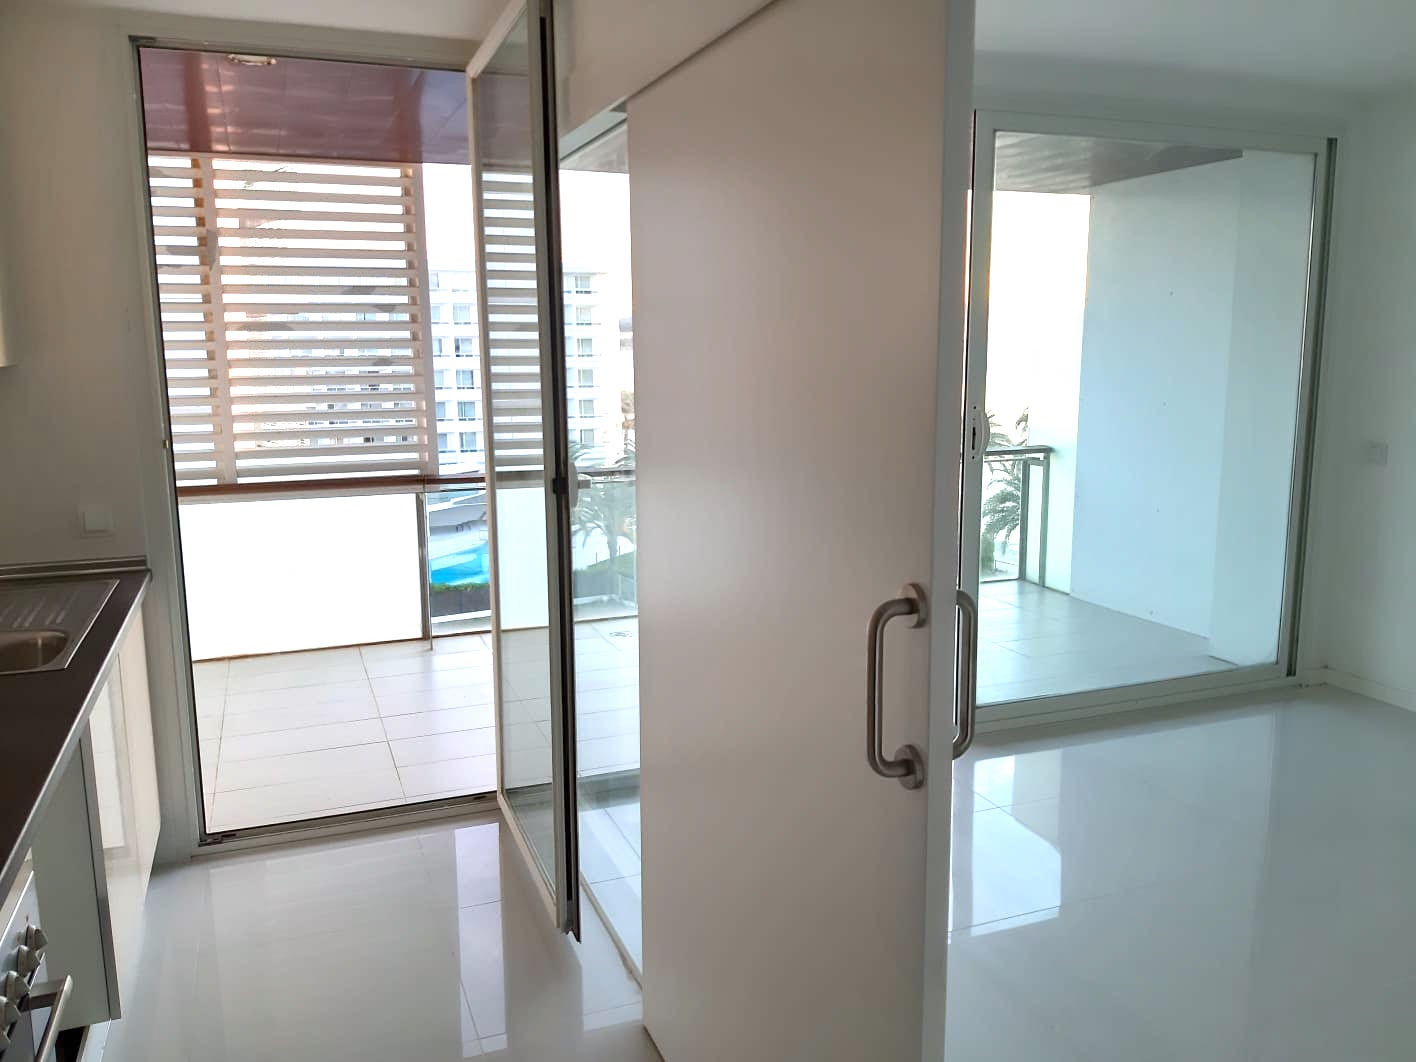 Precioso piso de 2 dormitorios en venta en primera línea de playa en Ibiza, Playa d'en Bossa.